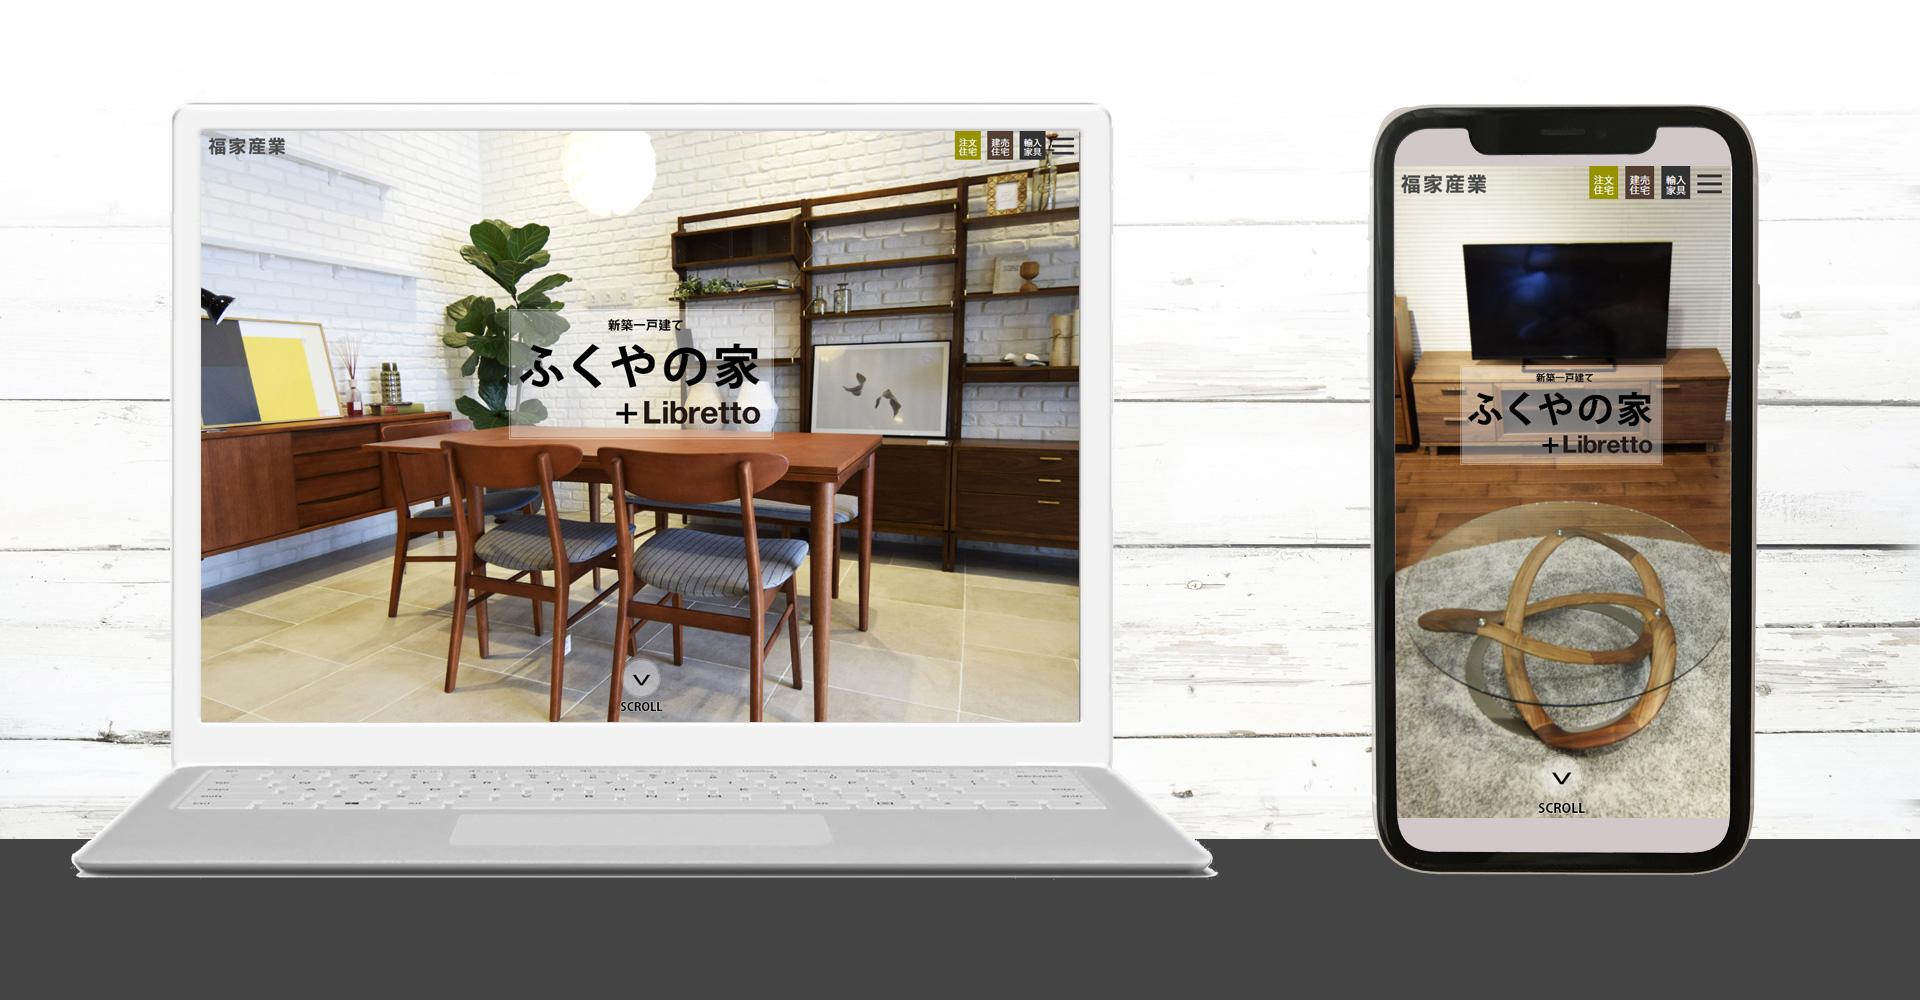 株式会社福家産業 様 公式サイト